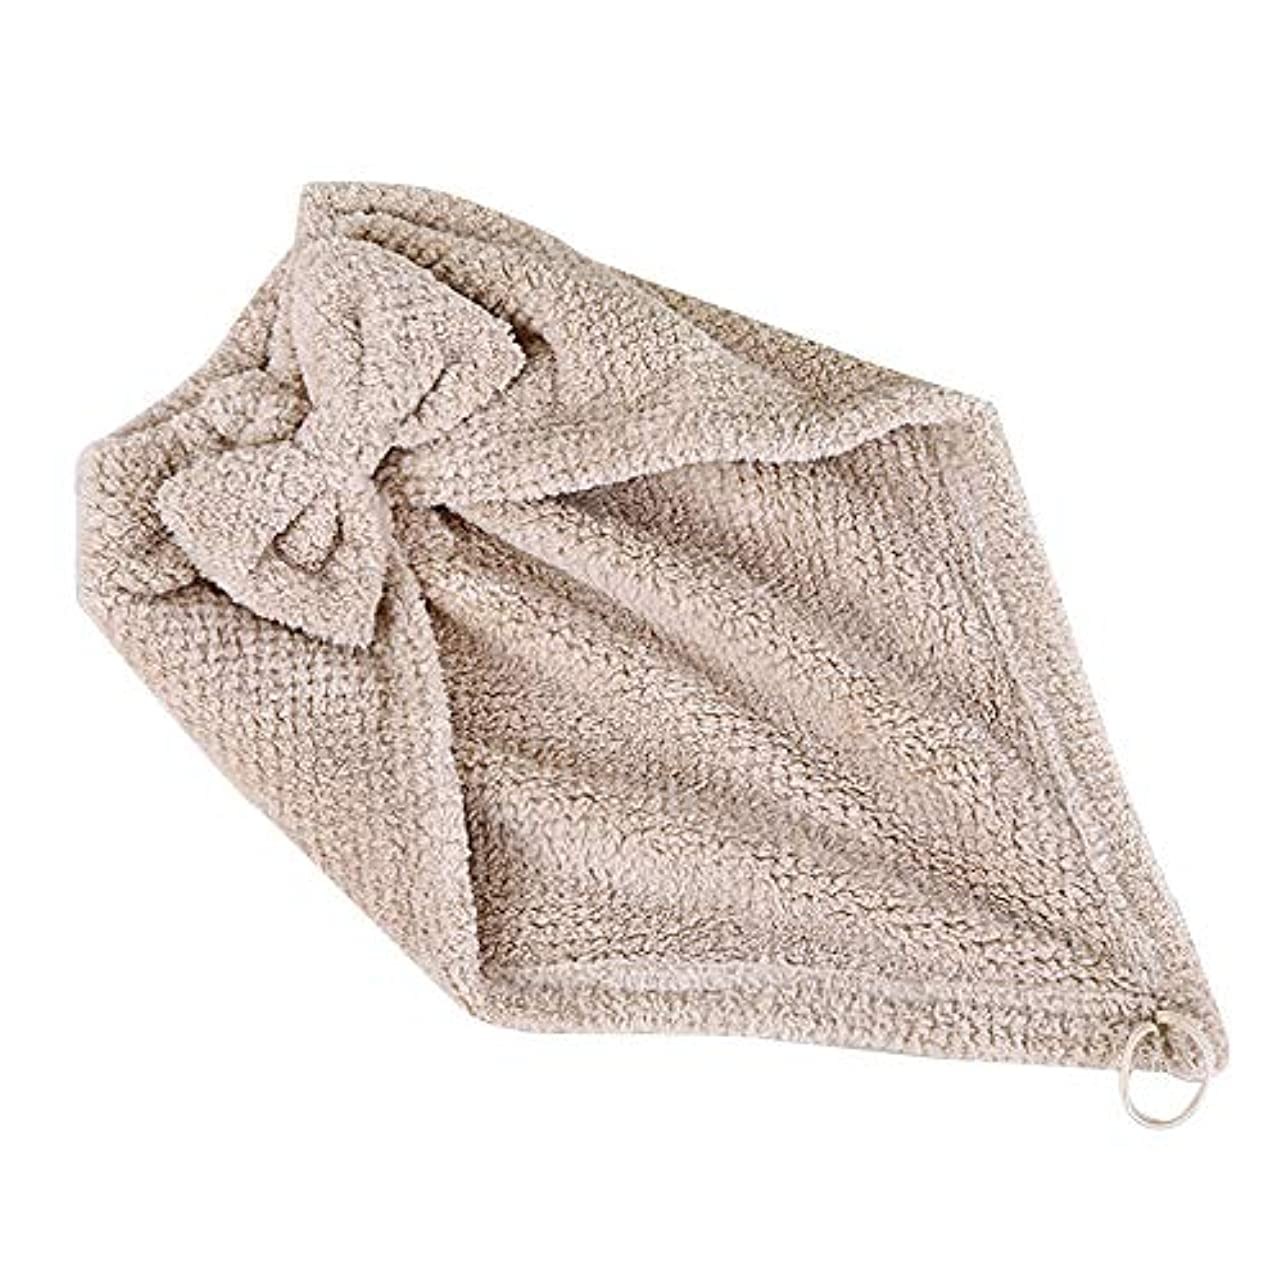 シダ富口径ボコダダ(Vocodada)タオルキャップ ヘアキャップ 吸水 ヘアドライタオル 速乾 マイクロファイバー ヘア 乾燥 タオル 帽子 キャップ 風呂 ふわふわ コーラルフリース 厚い 三角形 46.5*25cm (カーキ)